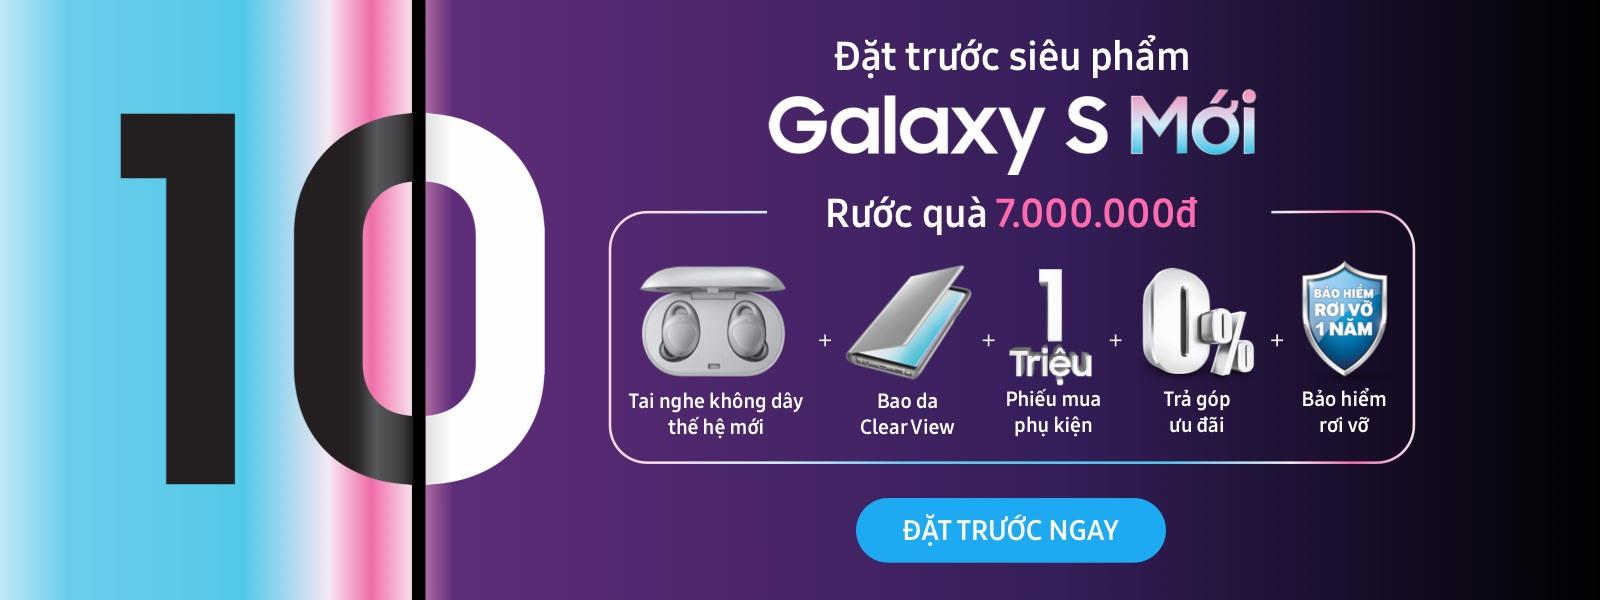 Đặt trước Samsung Galaxy S10